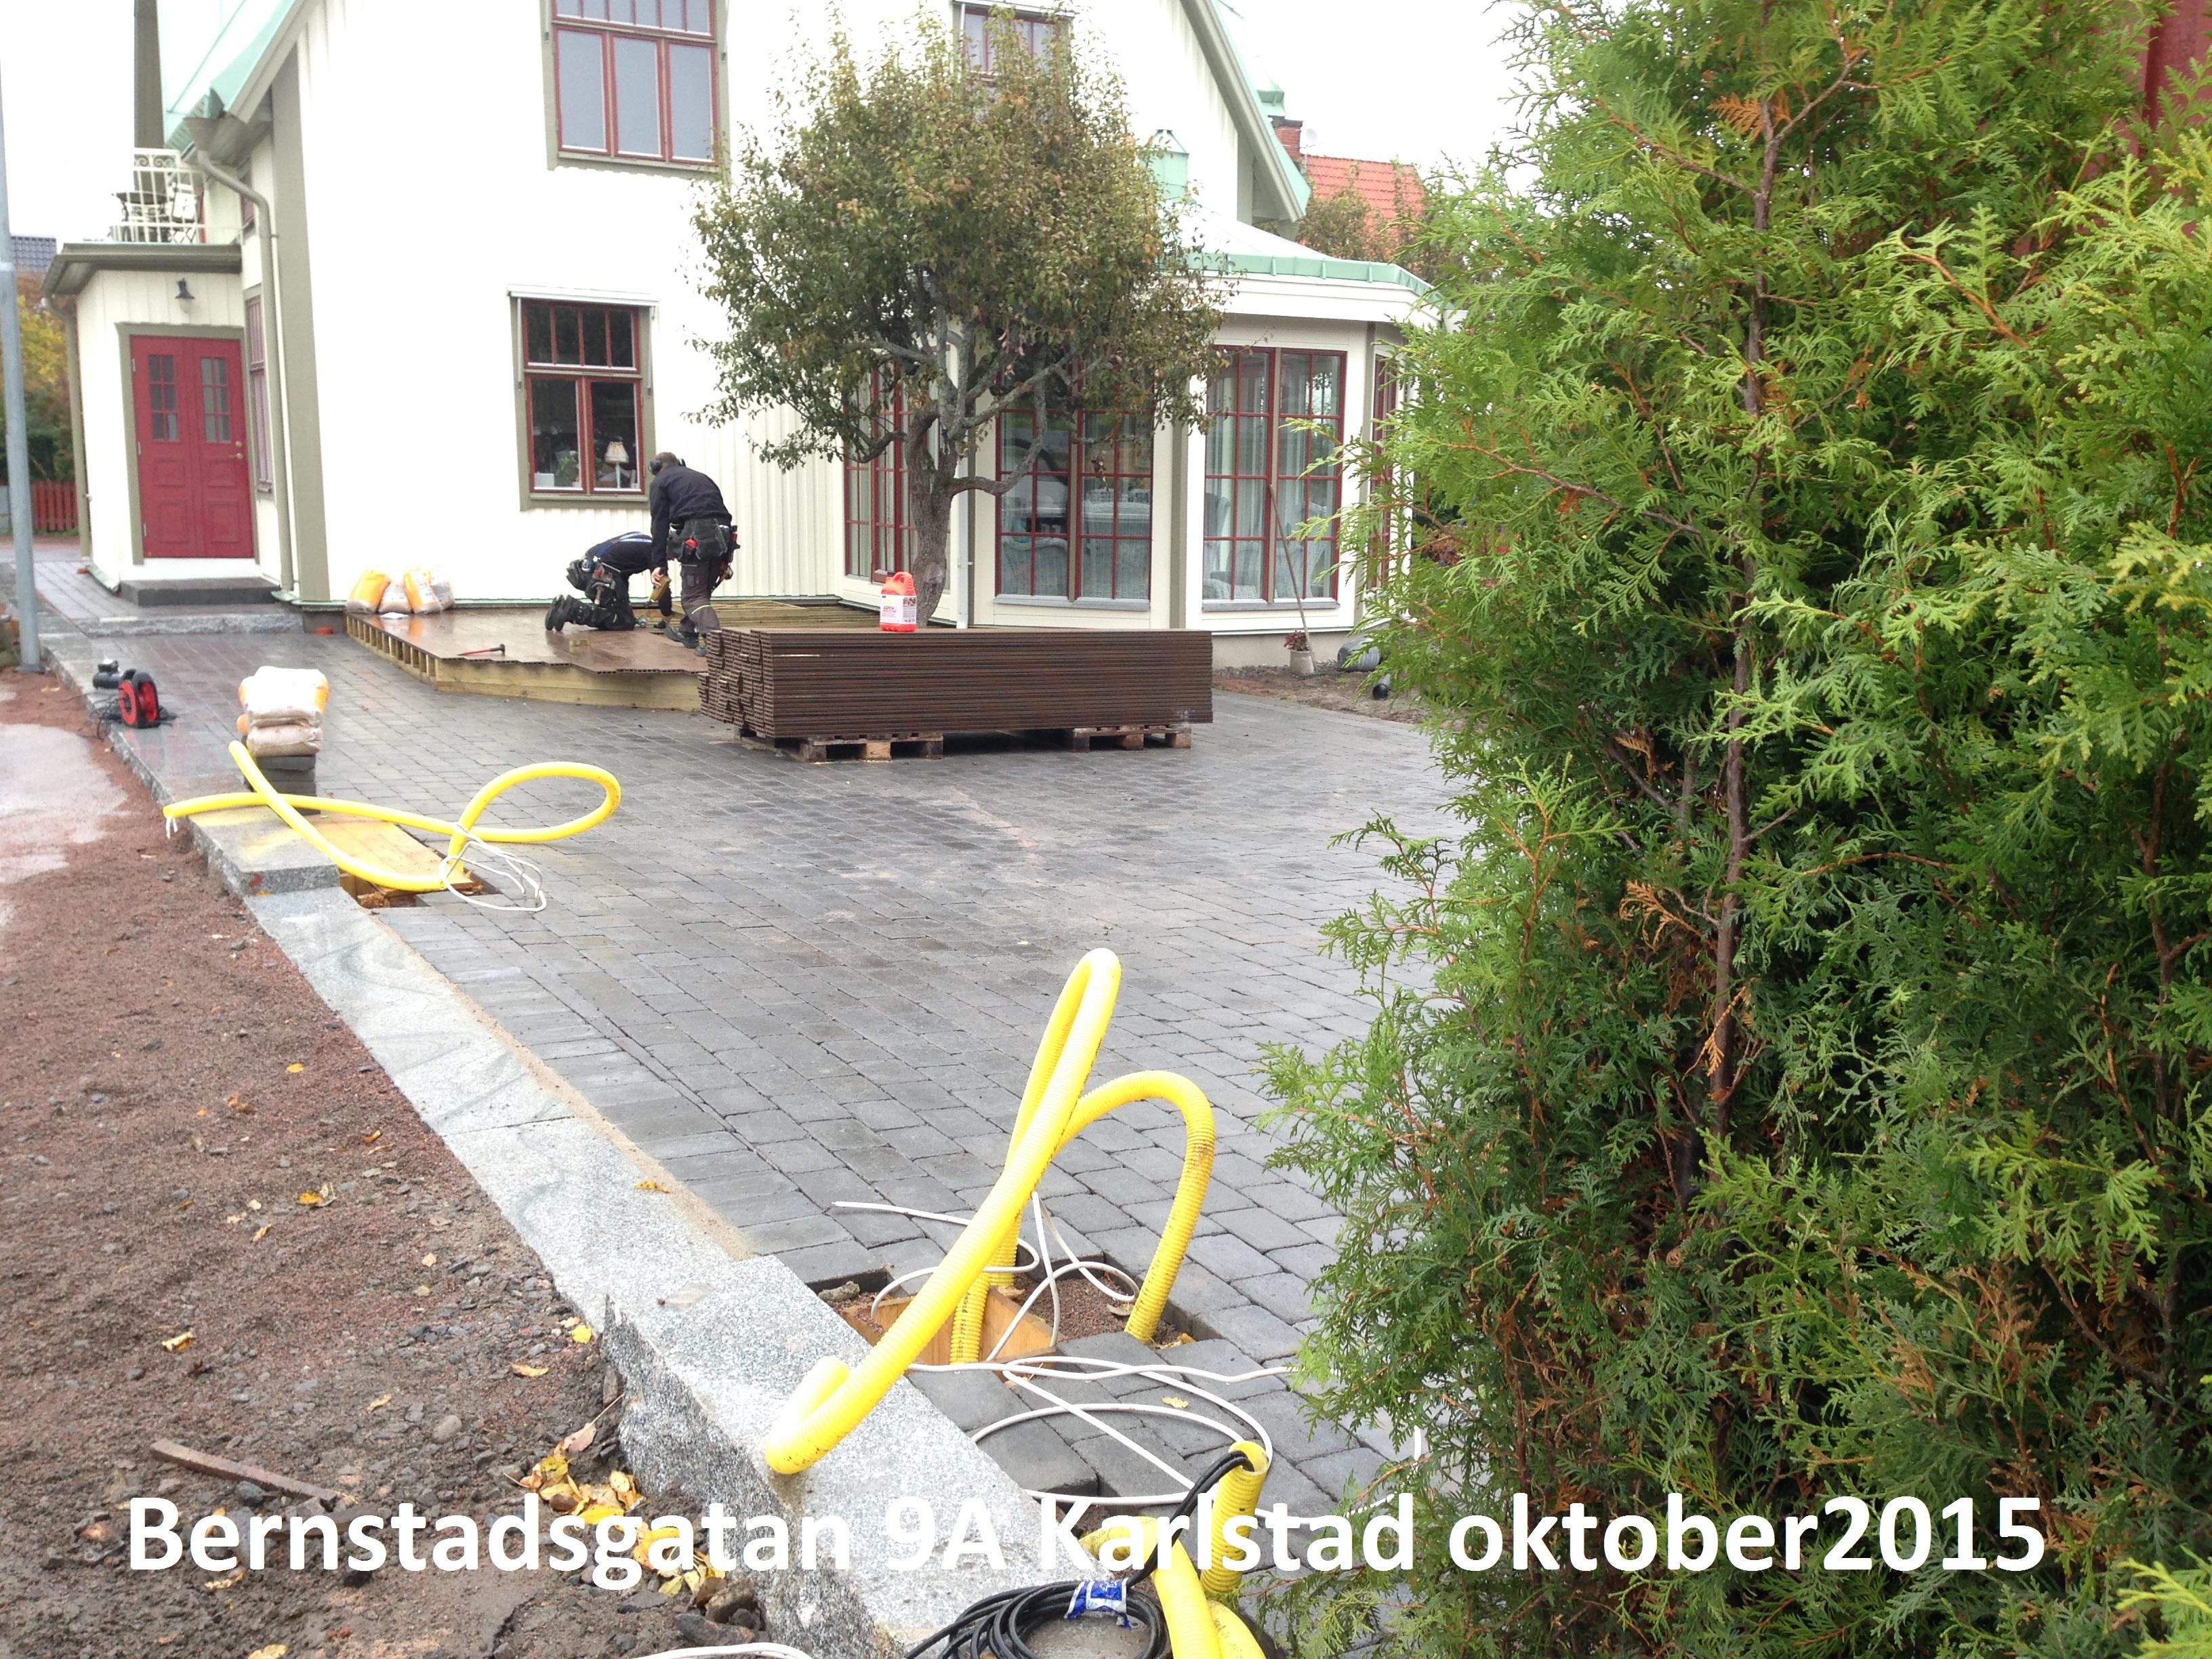 Bernstadsgatan 9A karlstad oktober2015 (8)